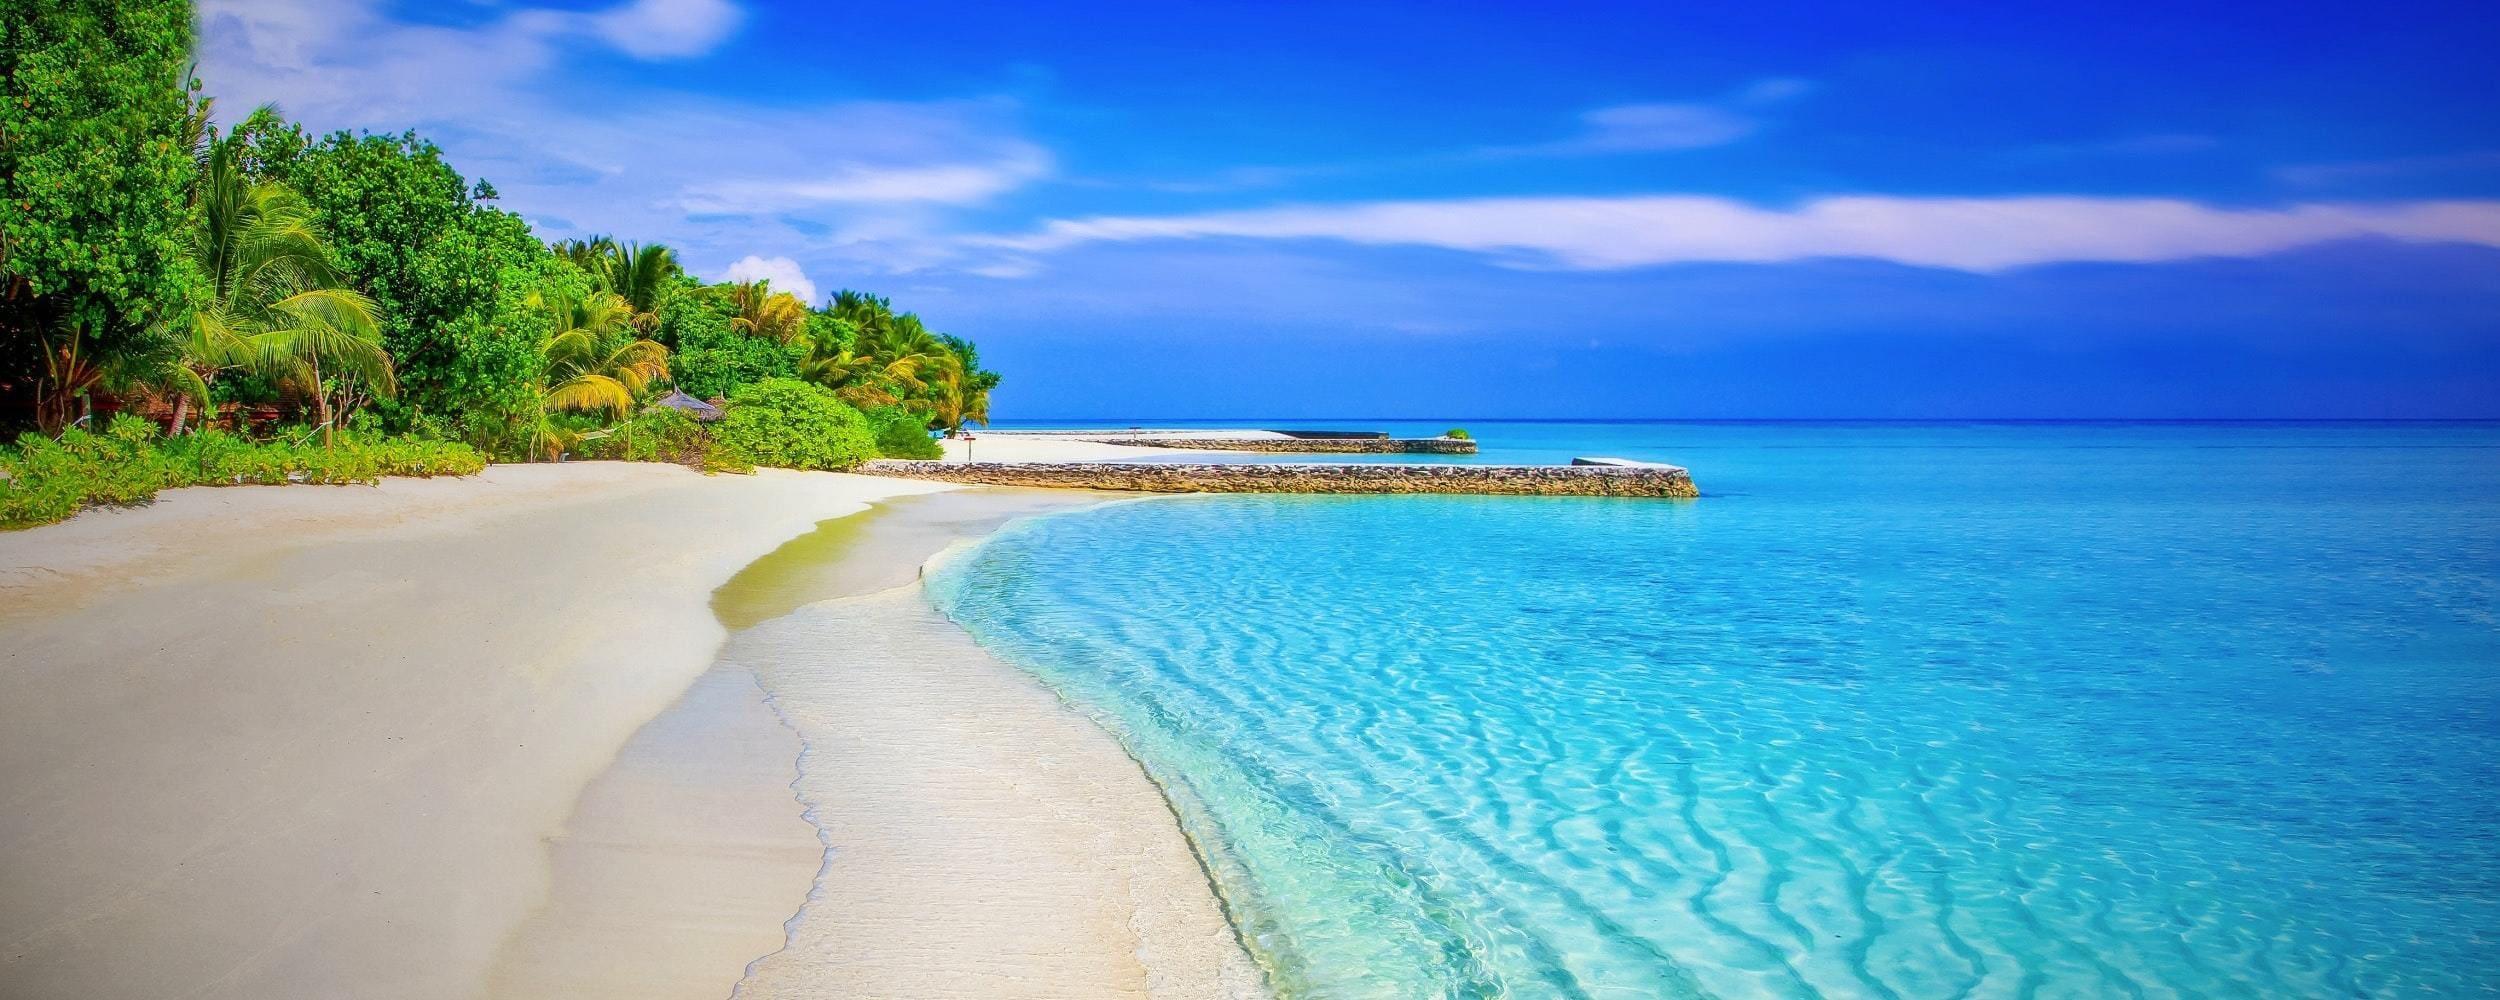 Fotografía paisaje playa exótica